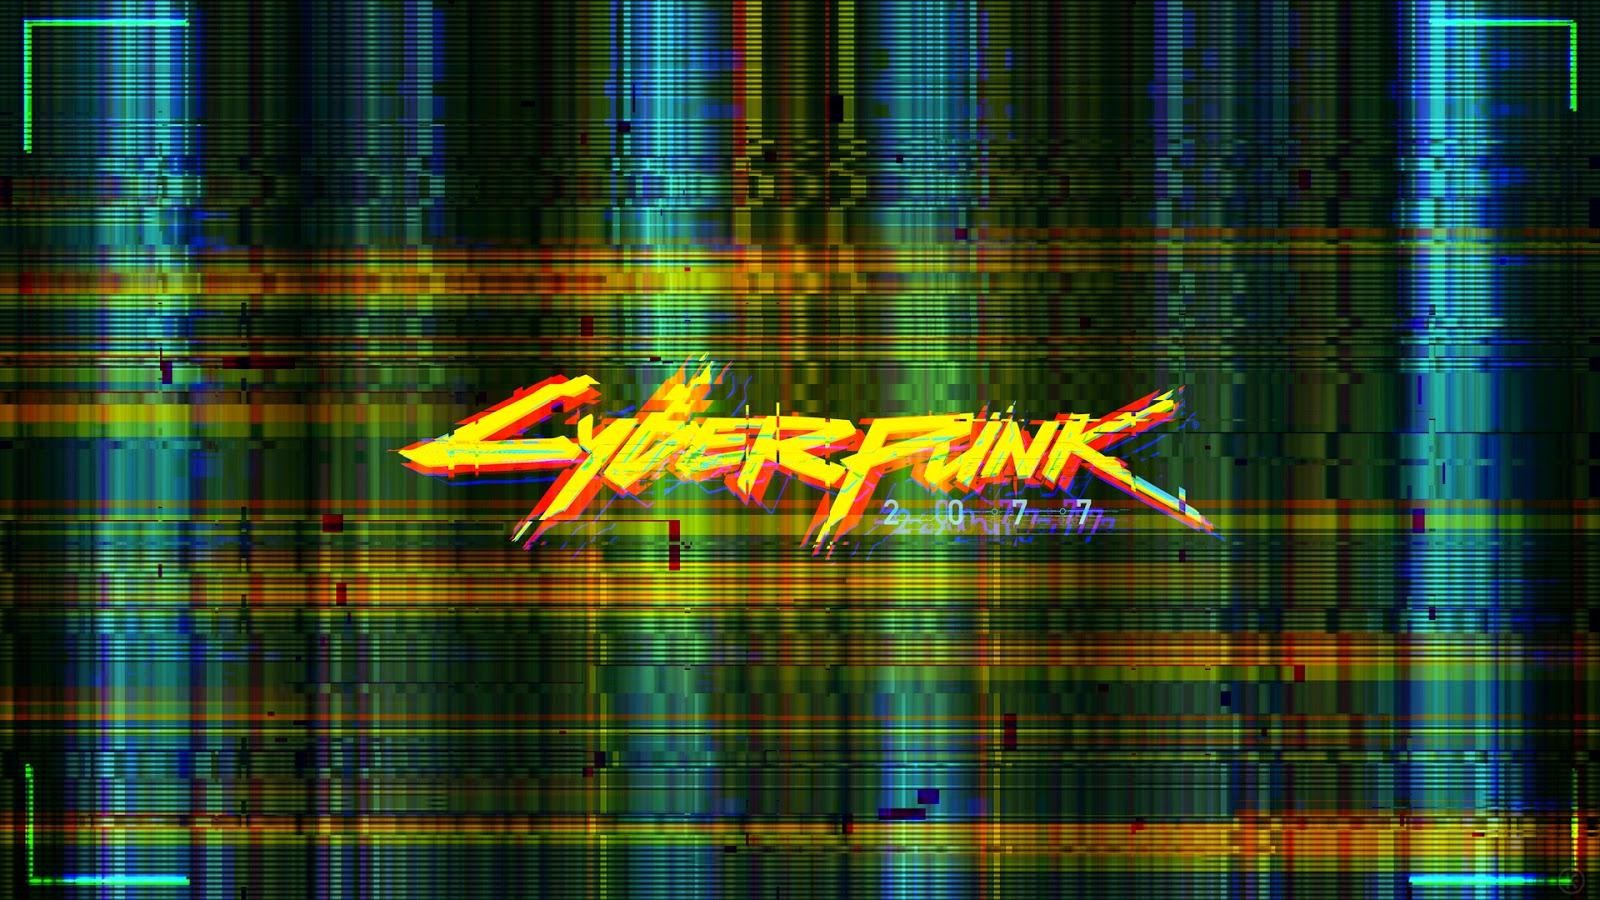 Cyberpunk 2077 Glitch wallpaper